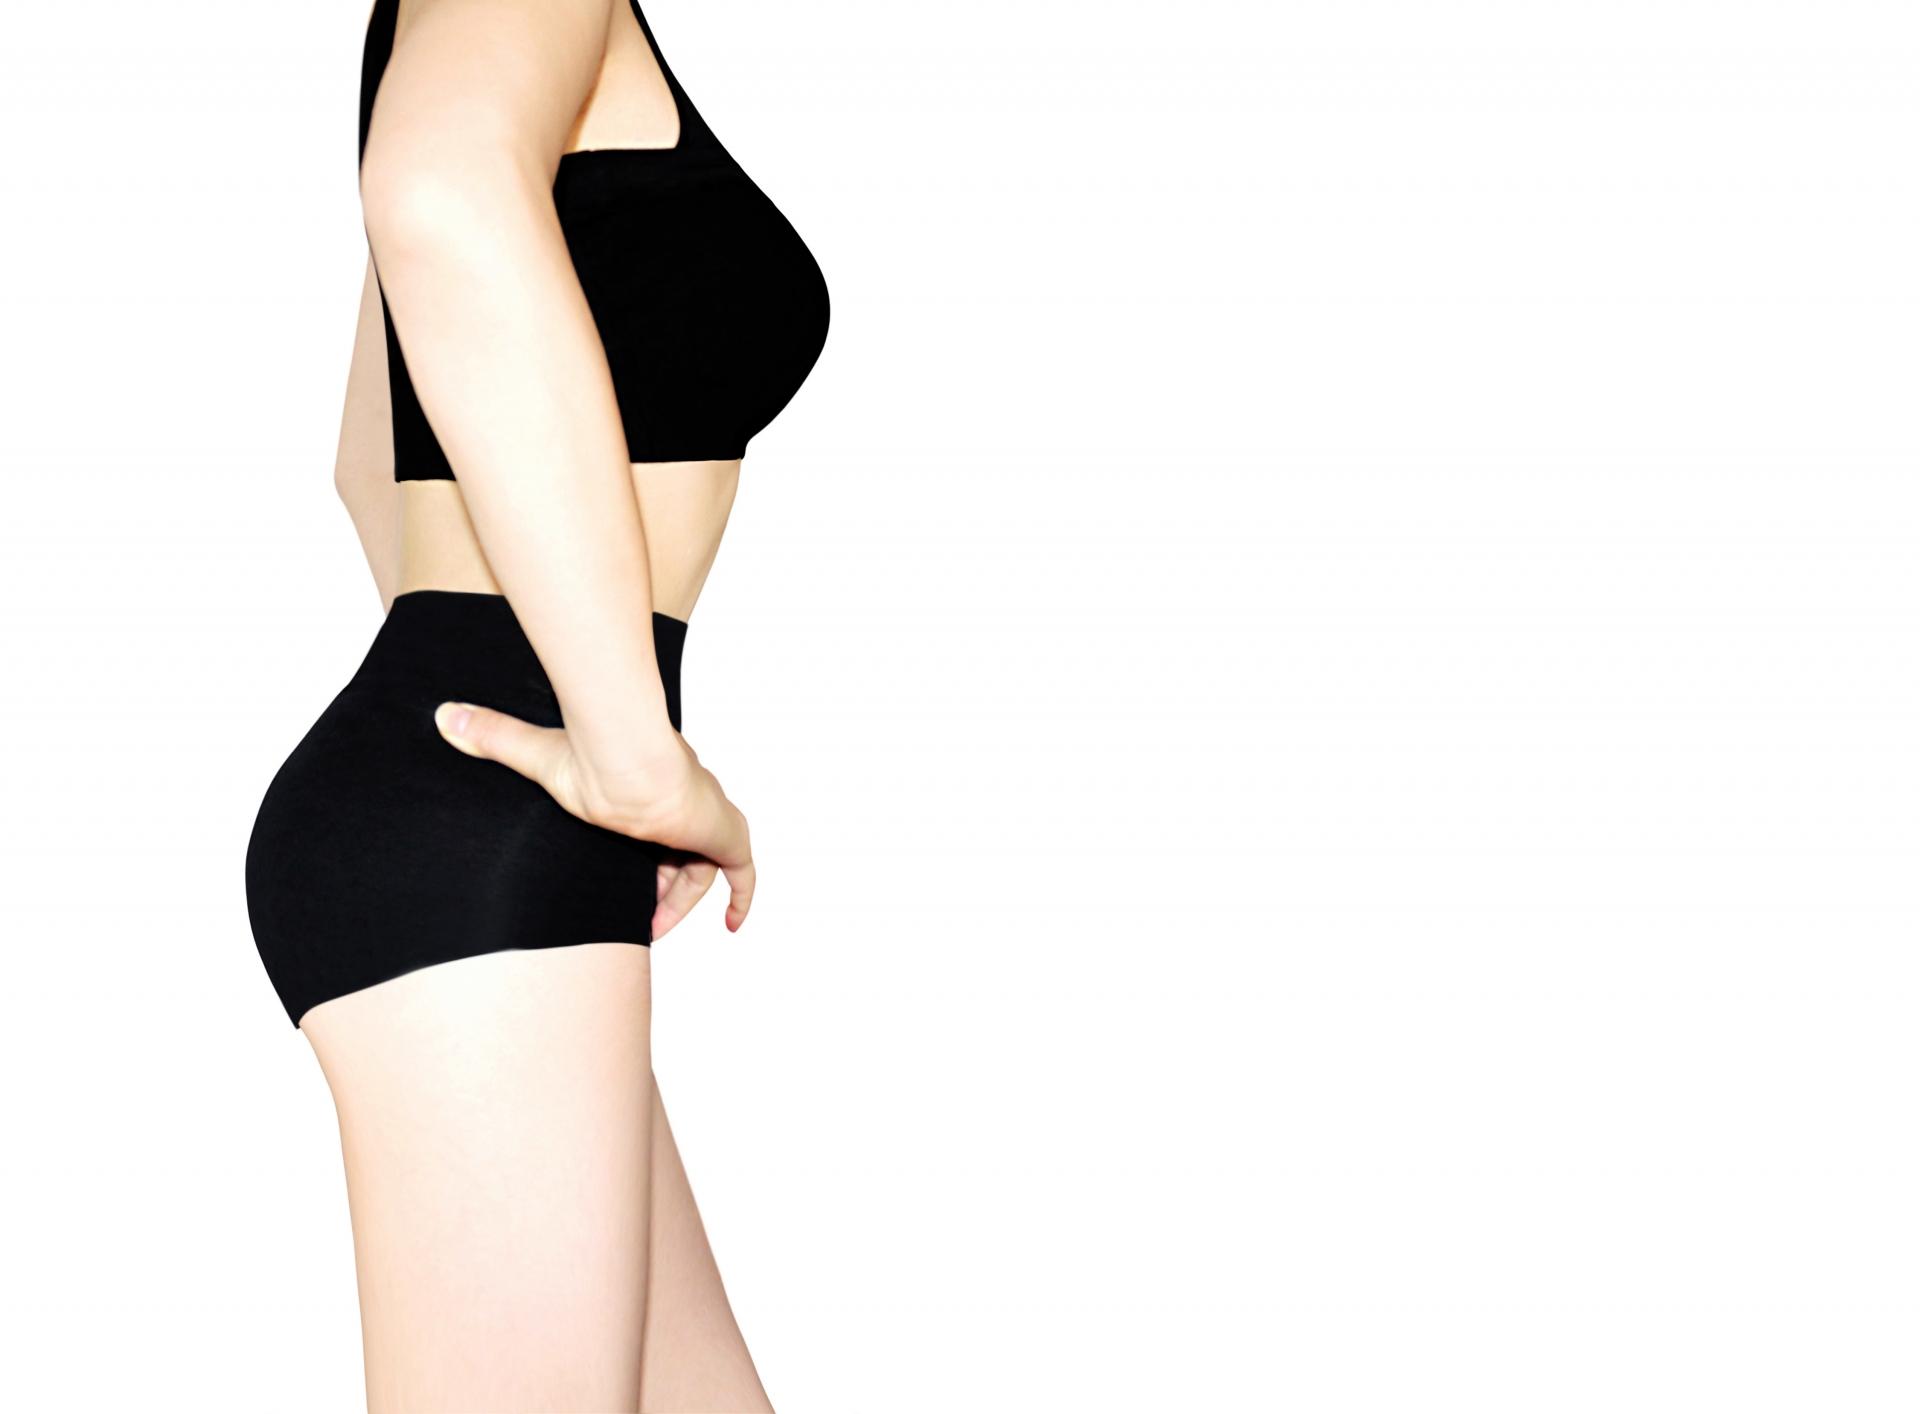 スタイルアップガードルを使用してみた感想!産後でも効果はあり?